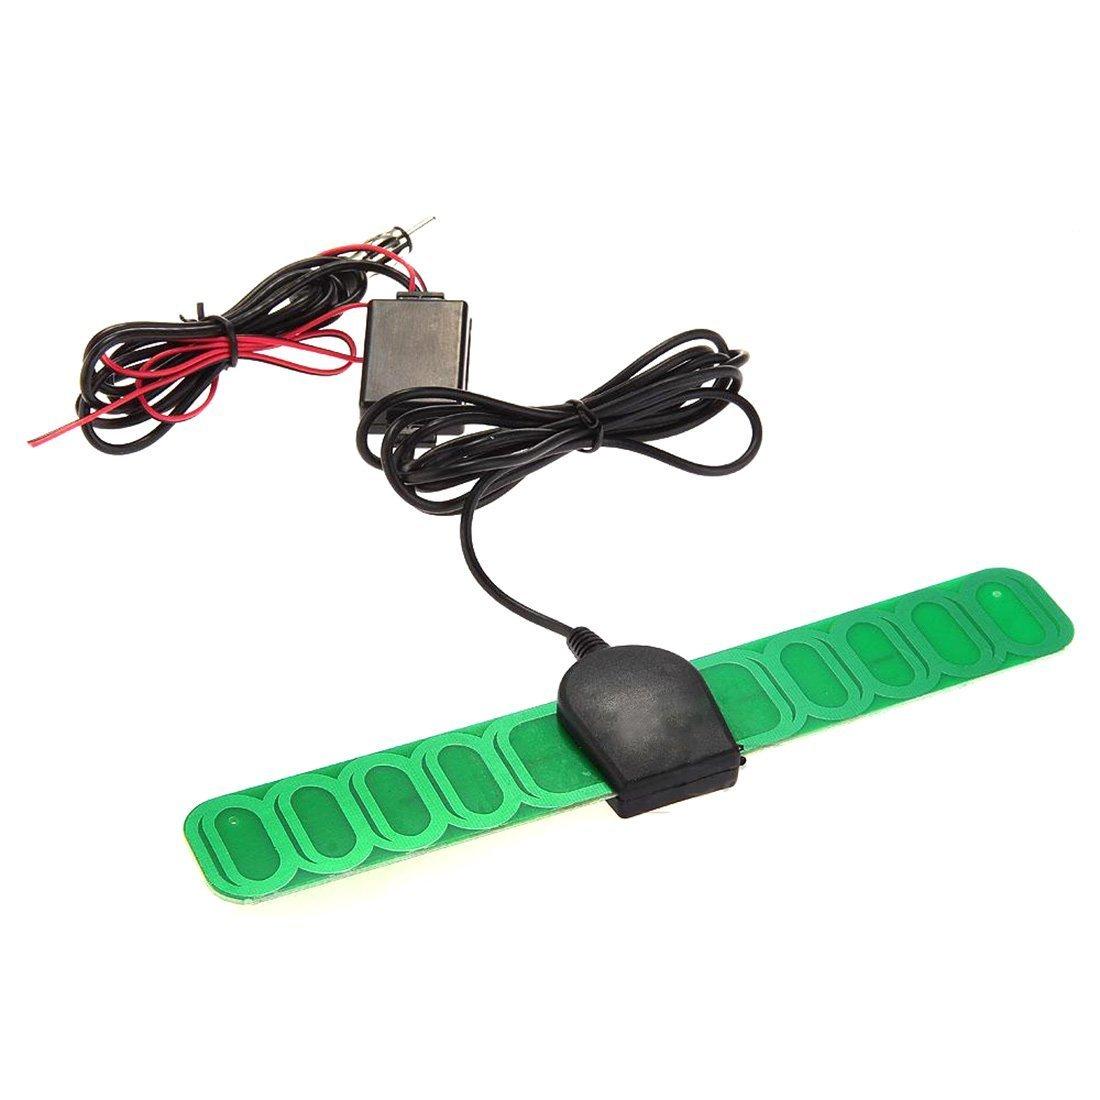 Coche AM/FM Antena de radio amplificador de señal Booster DC Vehículo 12V Durable Amp Auto Luwu-Store LEPACA1375